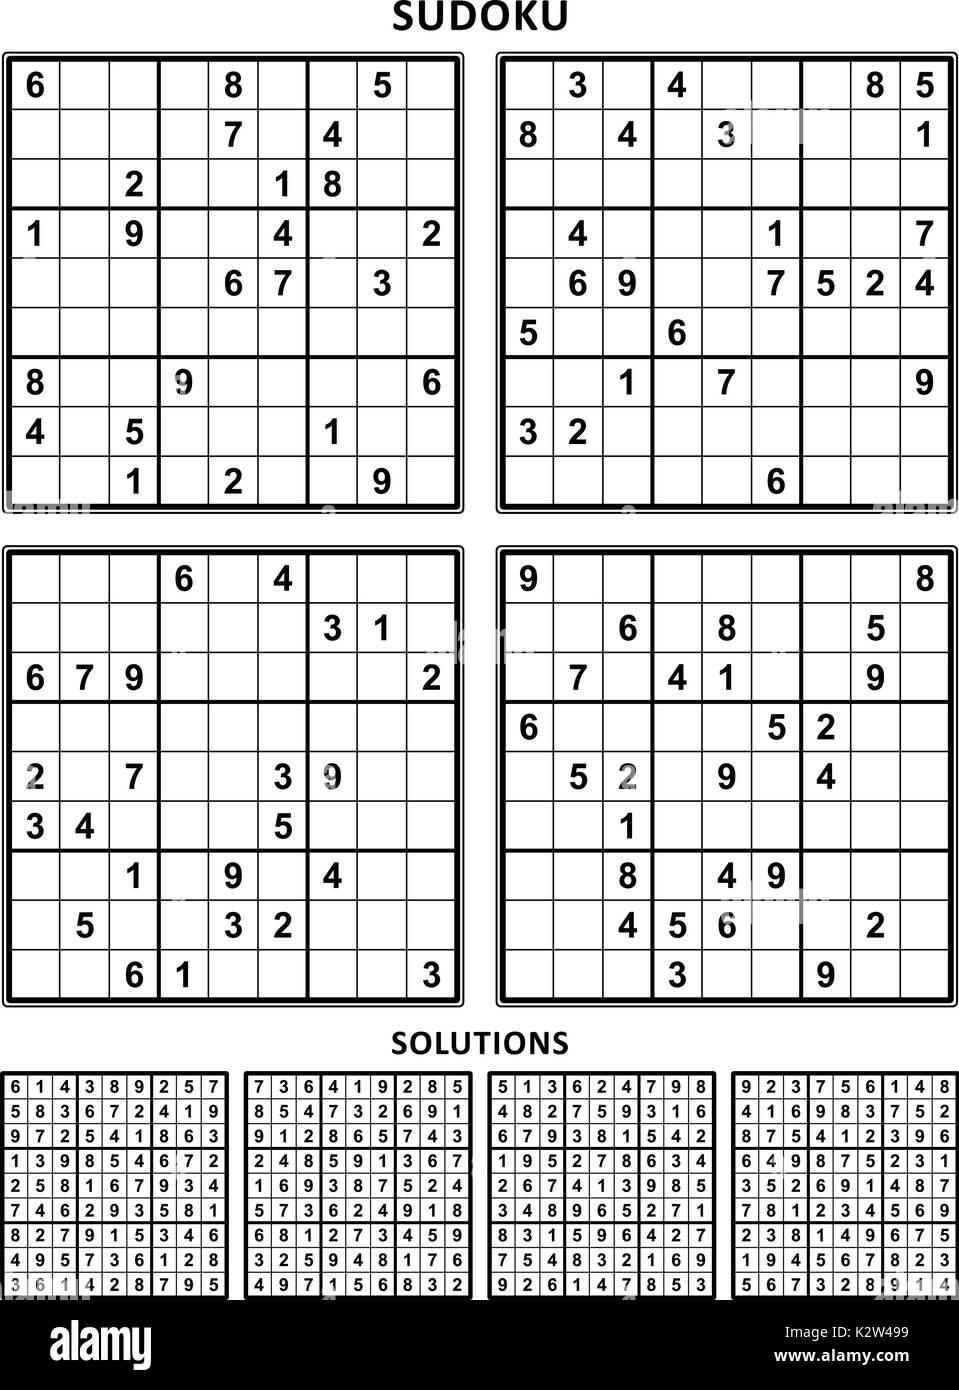 vier sudoku r tsel der komfortablen leicht aber nicht sehr einfach geeignet f r gro e b cher. Black Bedroom Furniture Sets. Home Design Ideas